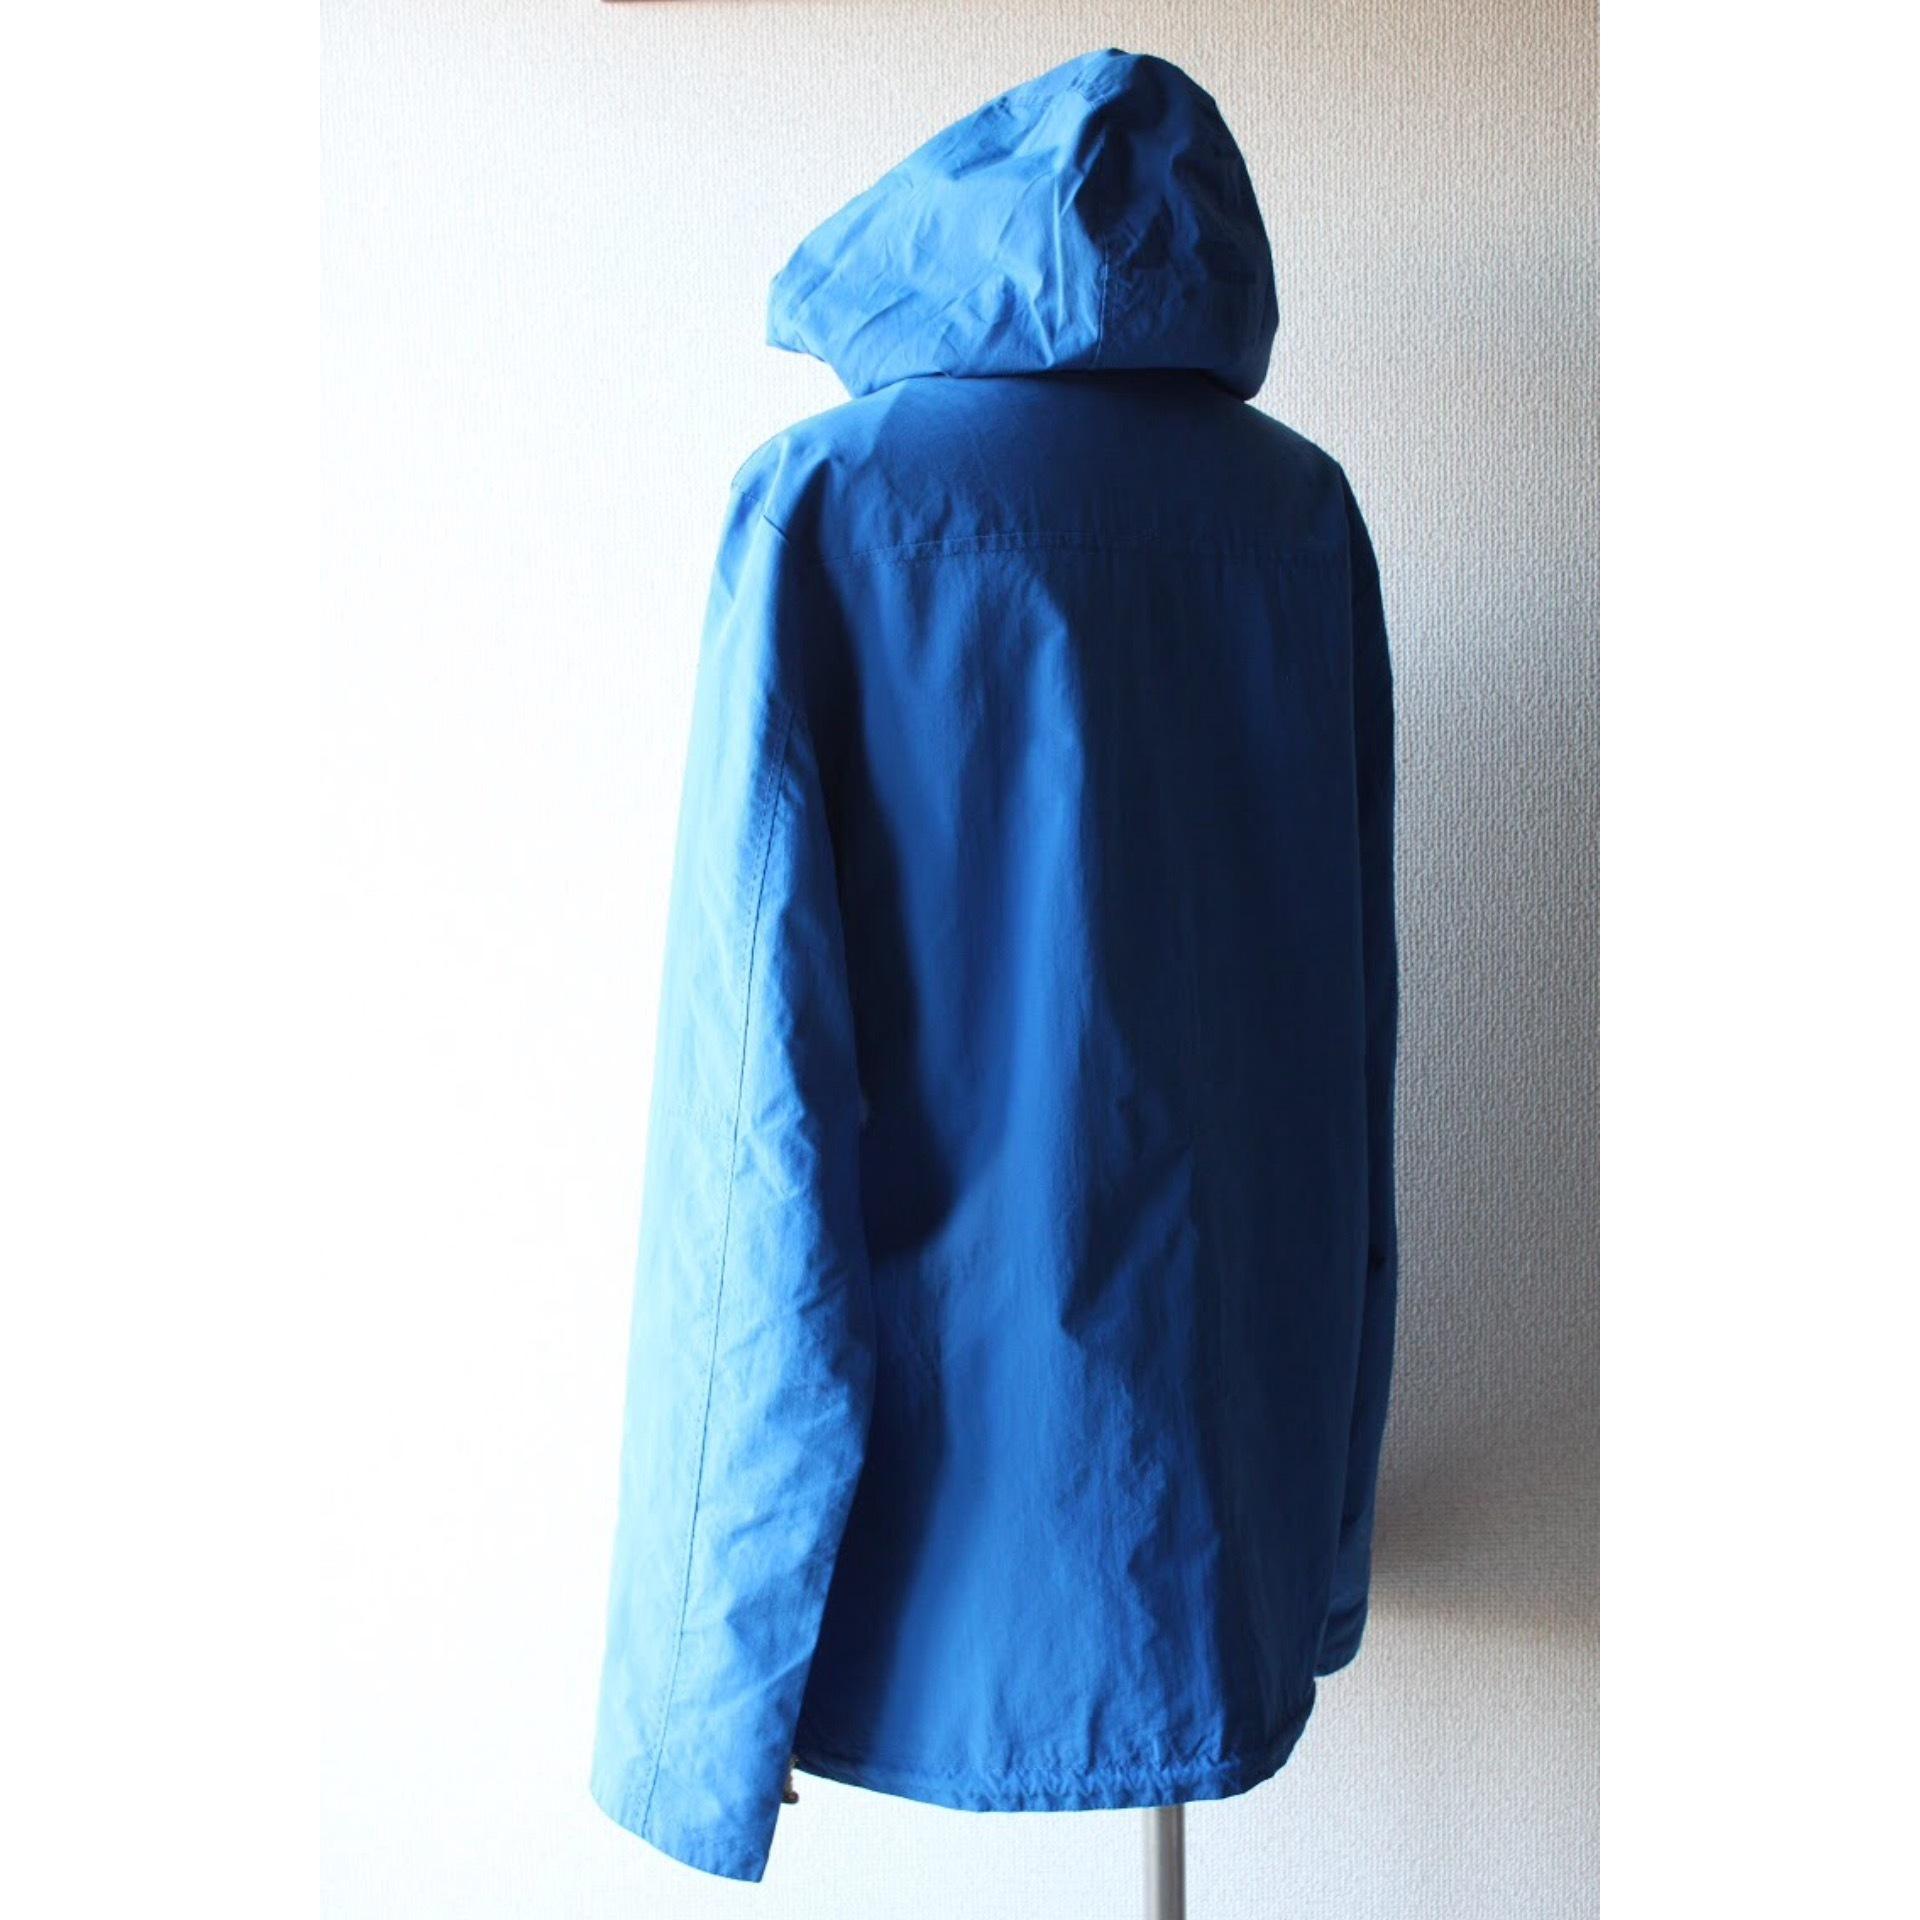 Vintage duffle coat type nylon jacket